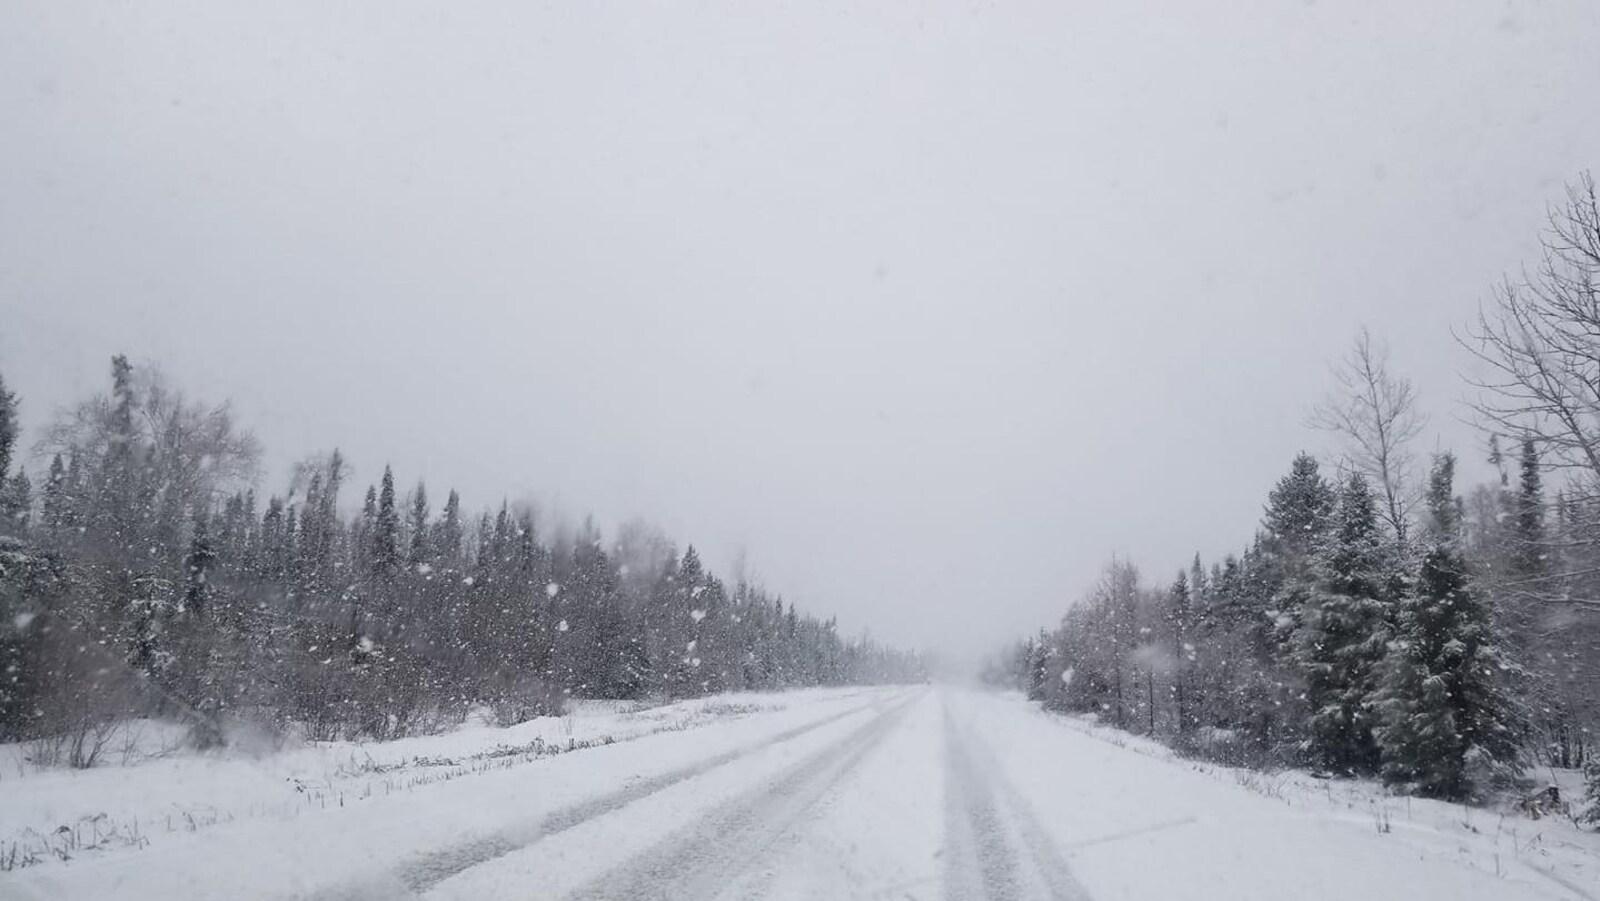 Le chemin Kamiskotia enneigé vu à travers un pare-brise.